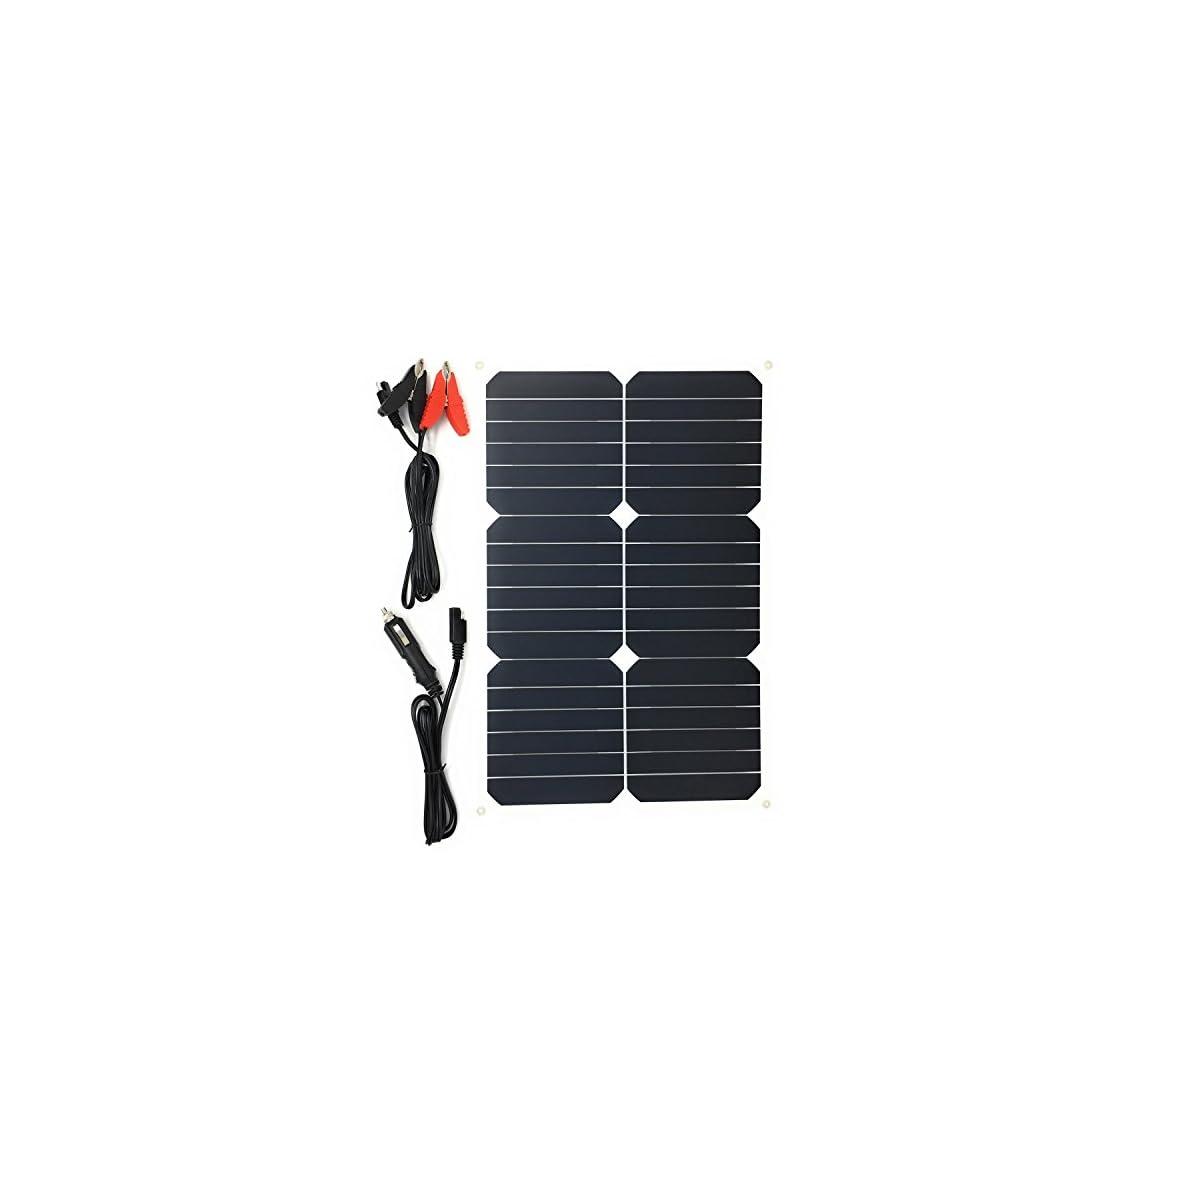 51XK7wHrV4L. SS1200  - Giaride Cargador Solar Sunpower Panel Módulo Solar de 12V Baterías Cargador de Coche Portátil Fotovoltaico para Coches, Caravana, Moto, Bote, Barco